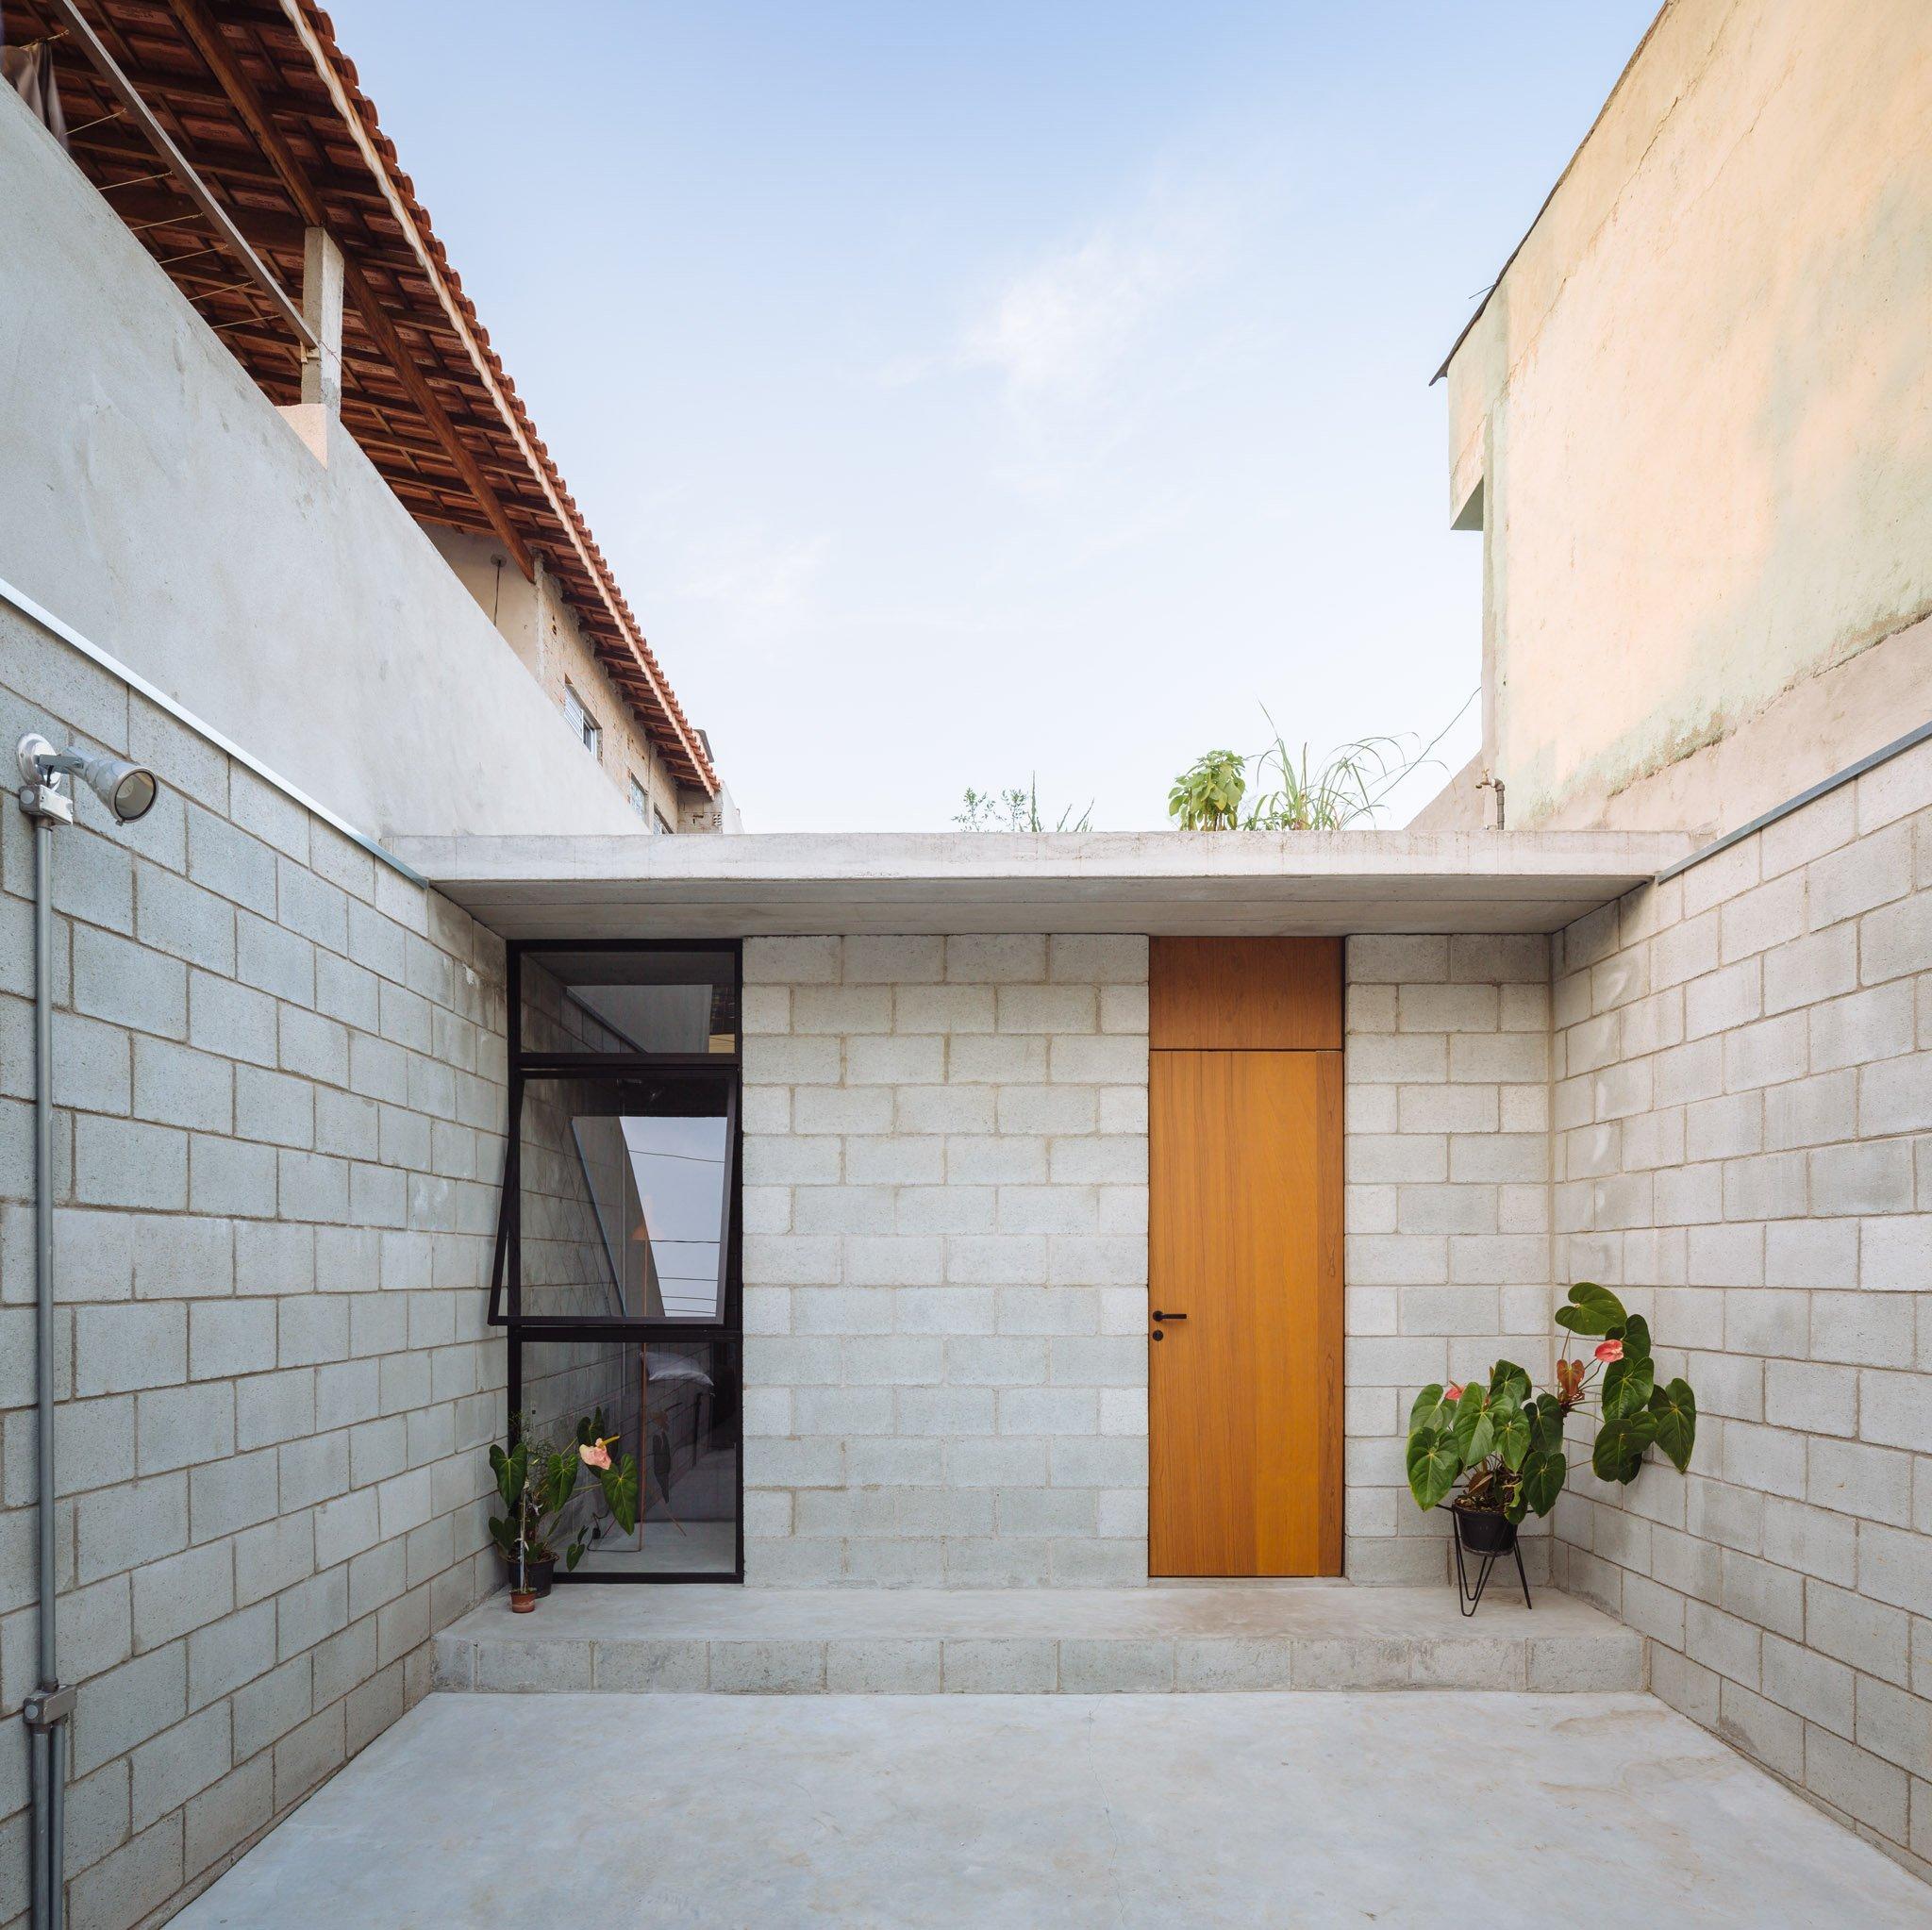 Empleada dom stica gan premio internacional de arquitectura for Departamentos arquitectura moderna